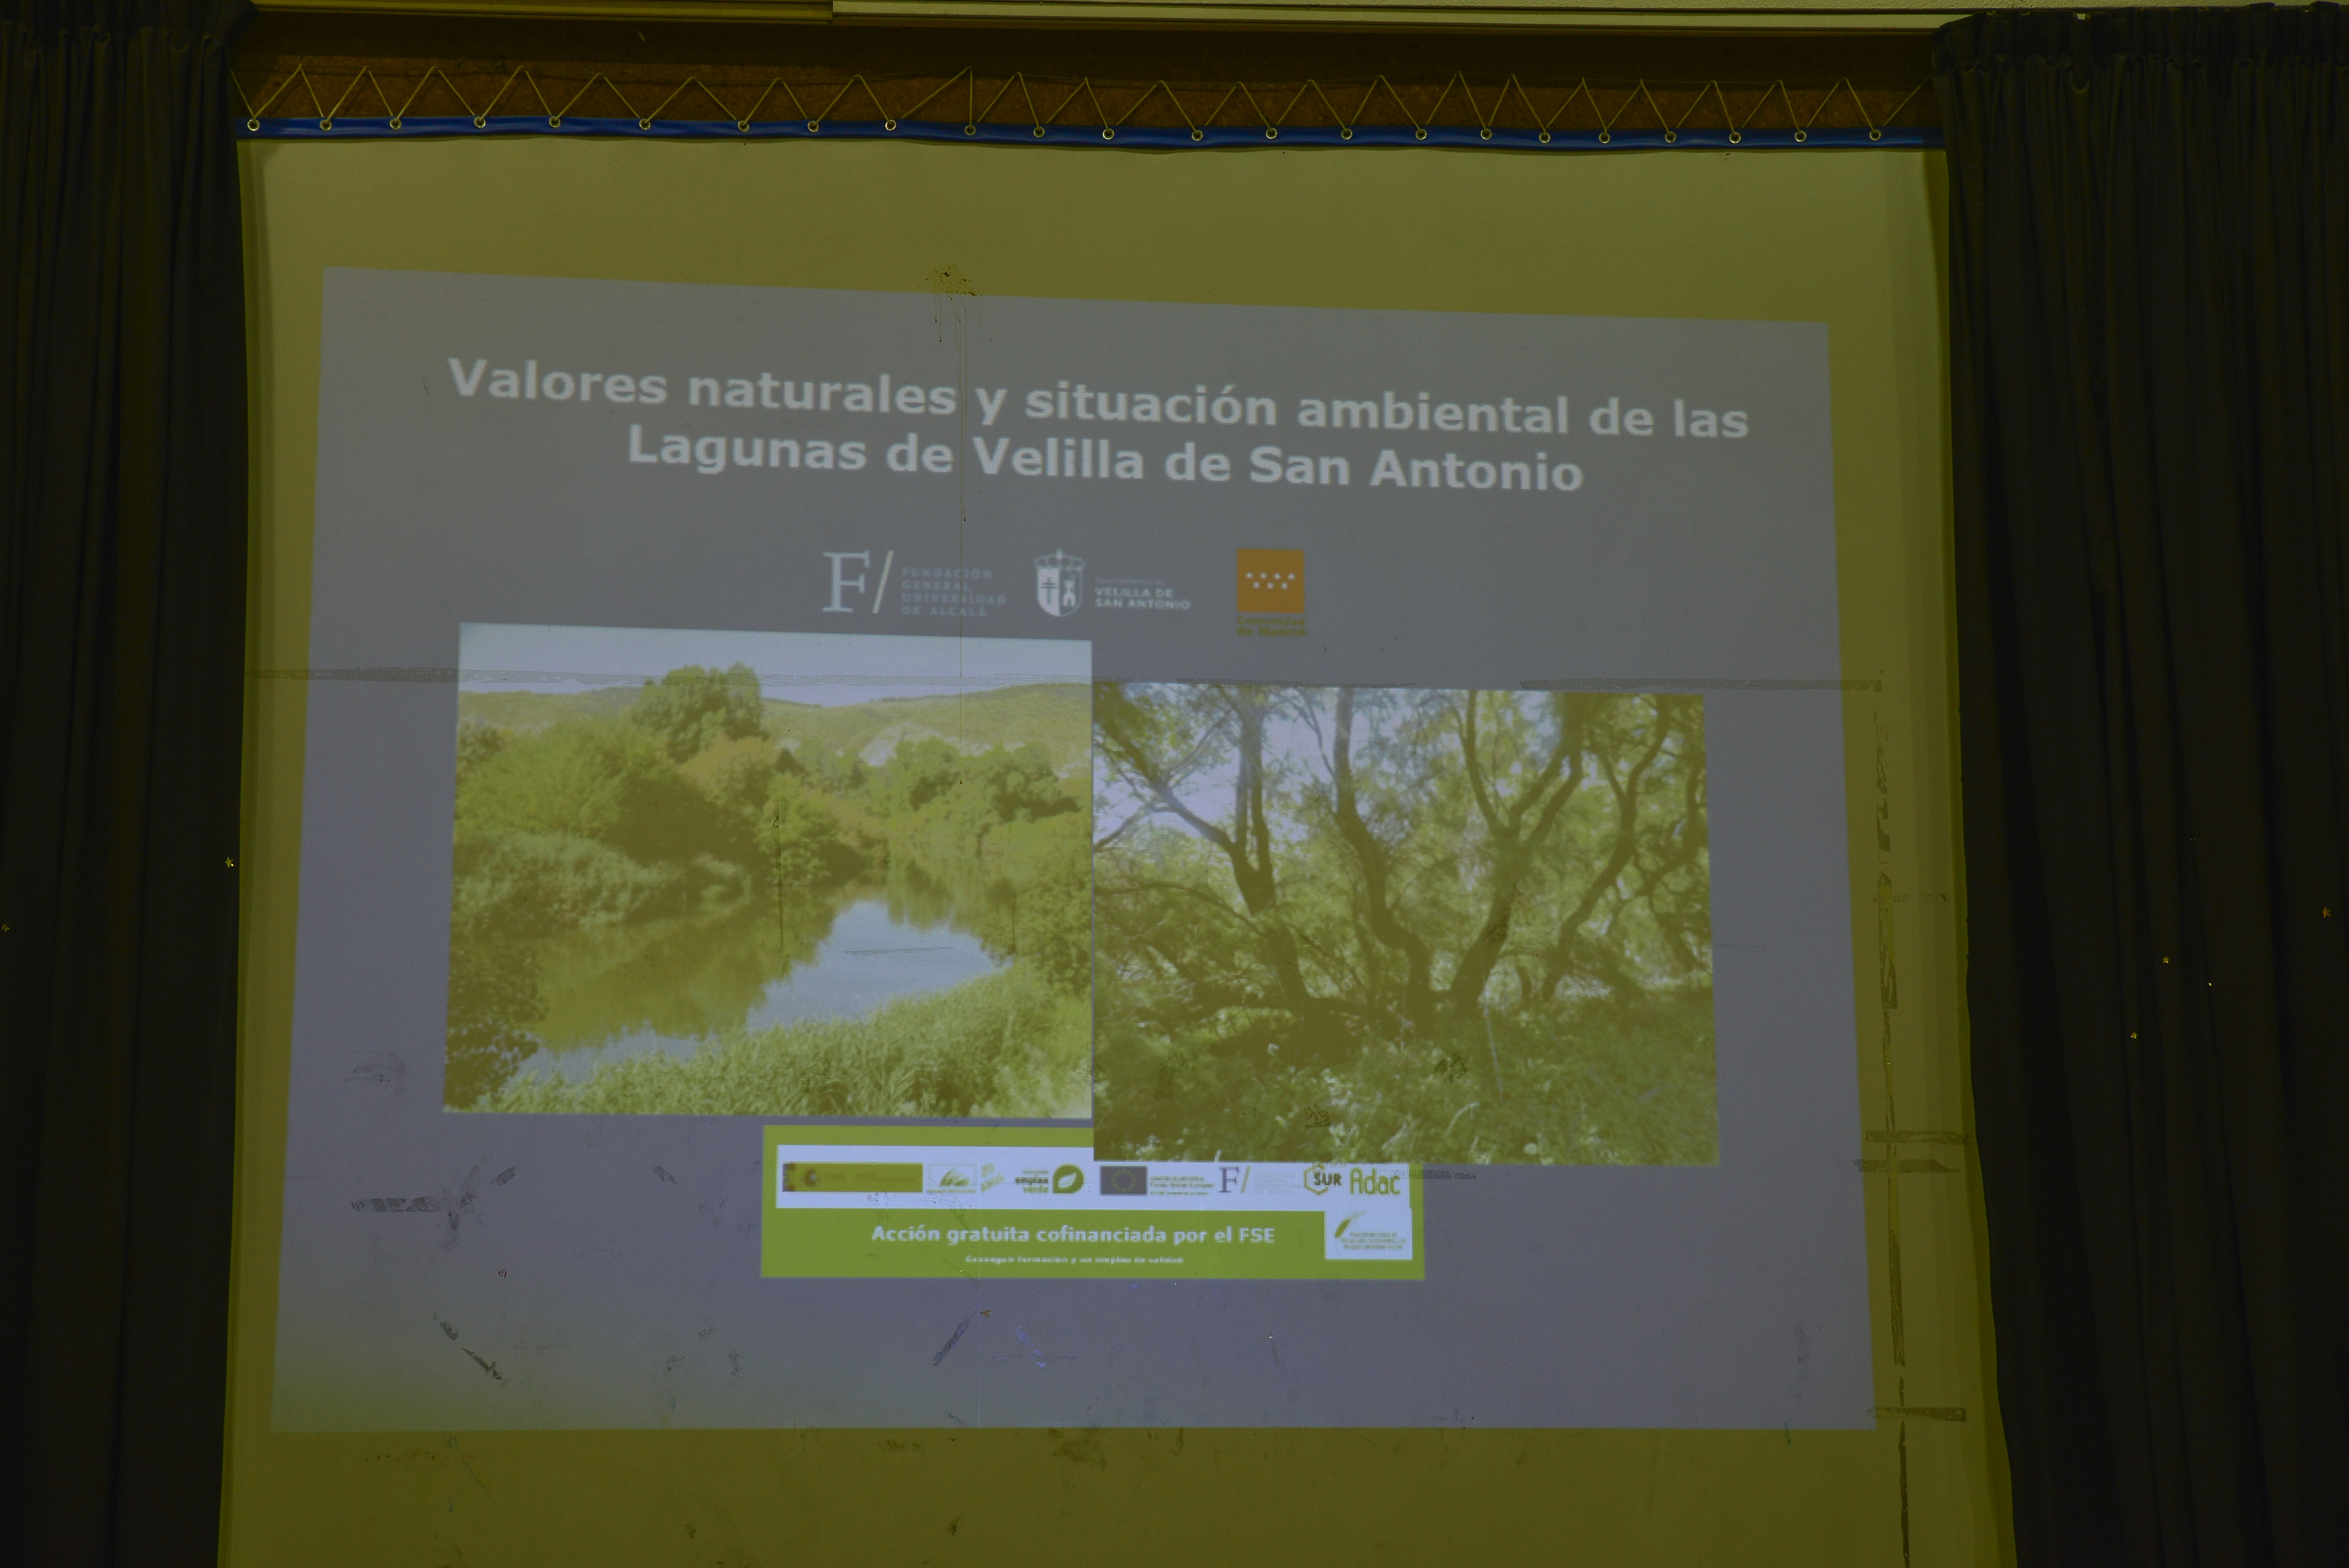 Presentación de las primeras conclusiones del estudio de las lagunas de Velilla